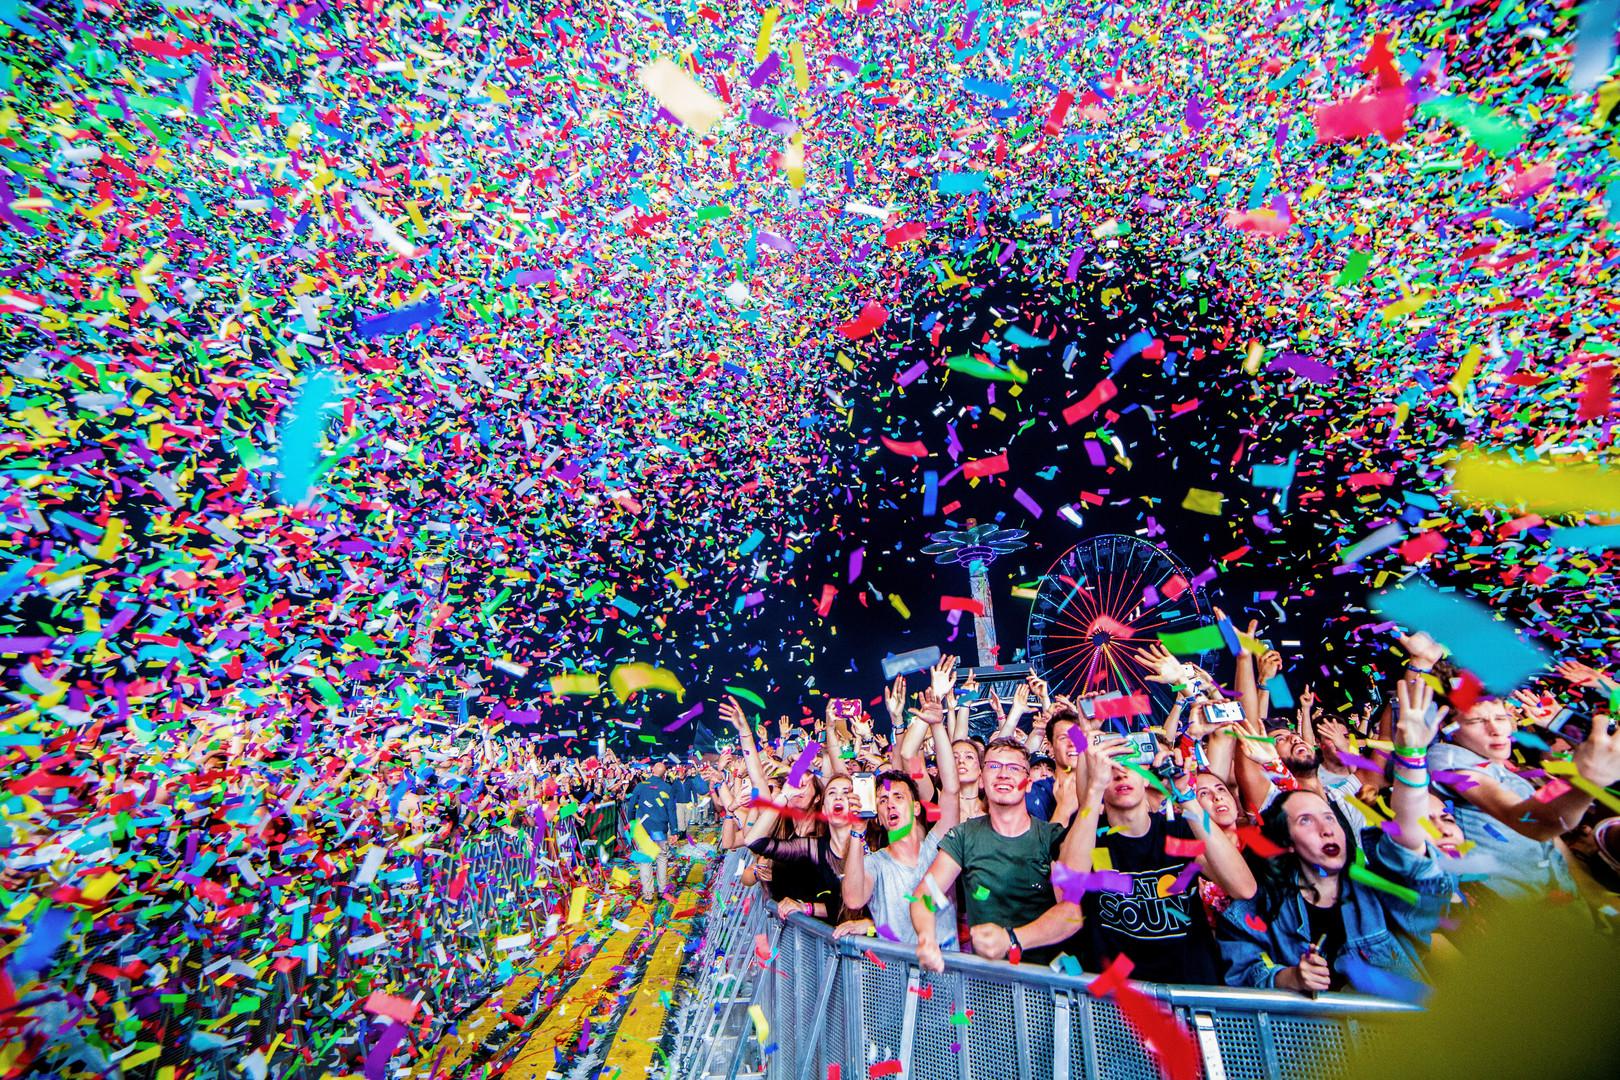 Művészet – műalkotás vagy művészeti tevékenység ábrázolása, fotóriporteri eszközökkel (egyedi)<br />1. díj: Csudai Sándor (Origo): Konfetti<br /><br />Fotó: Fesztiválozók a Balaton Sound utolsó koncertjén élvezik a konfetti esőt.